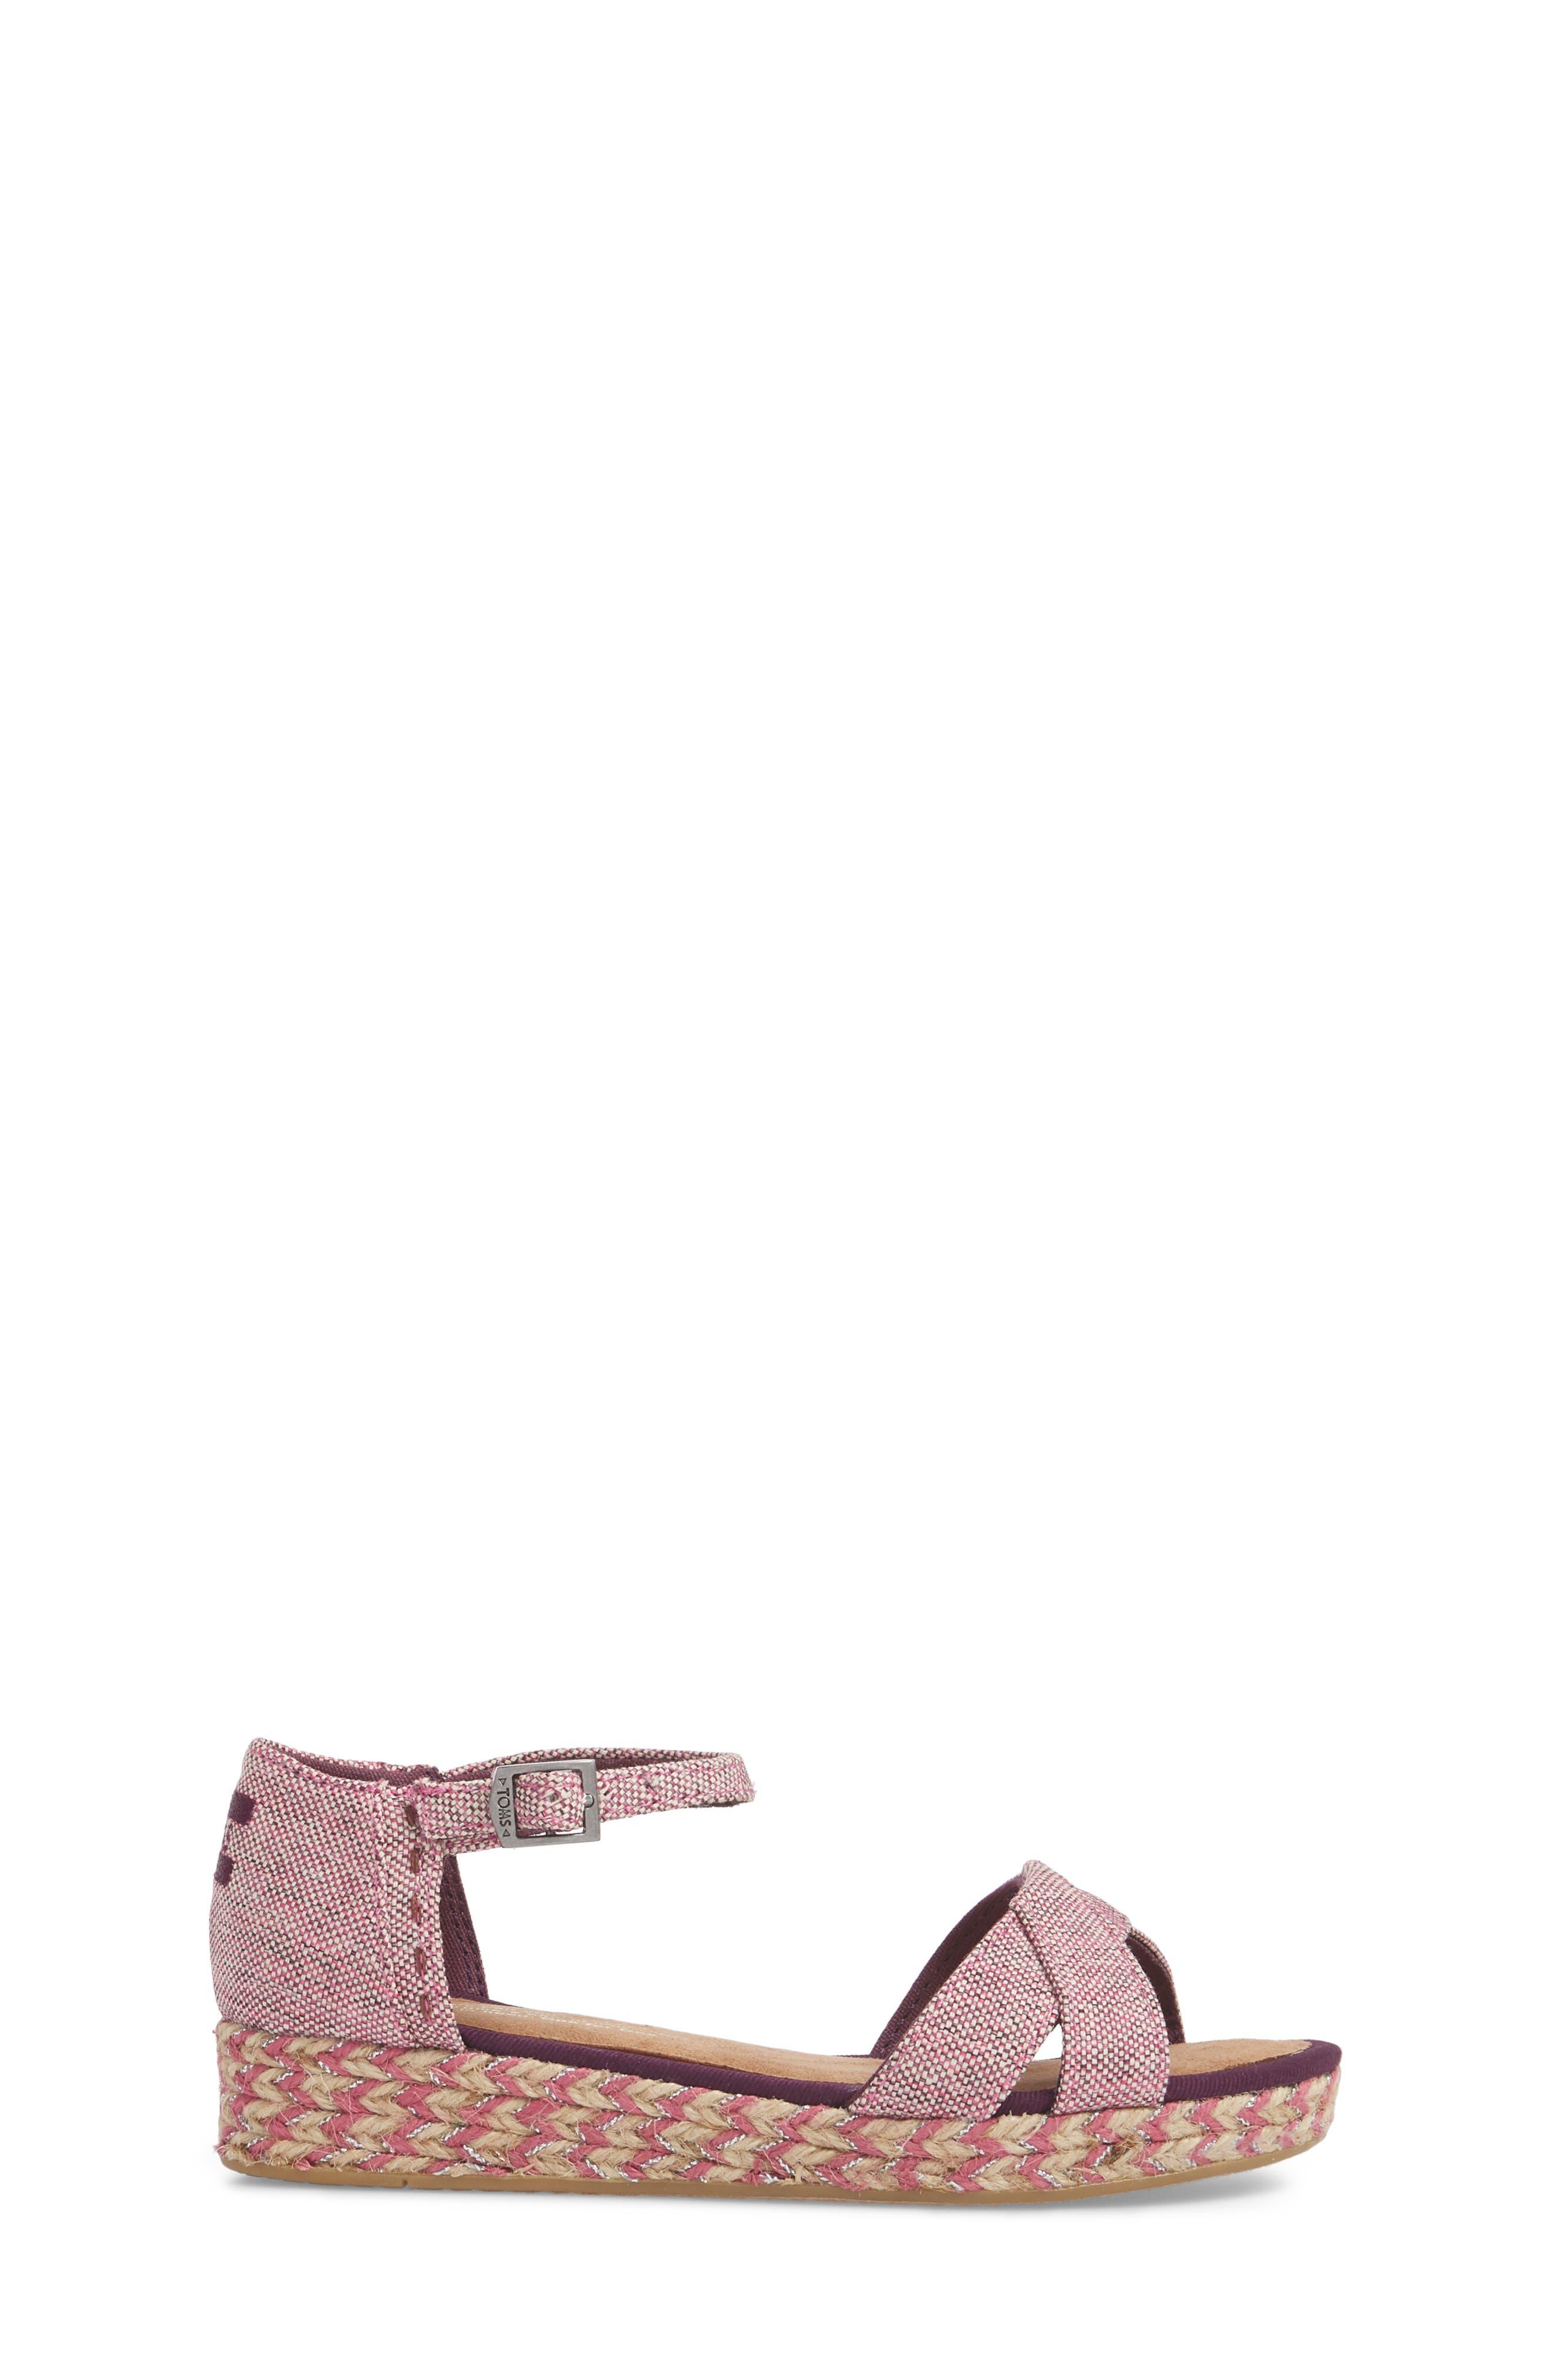 Harper Wedge Sandal,                             Alternate thumbnail 3, color,                             Plum Oxford Melange